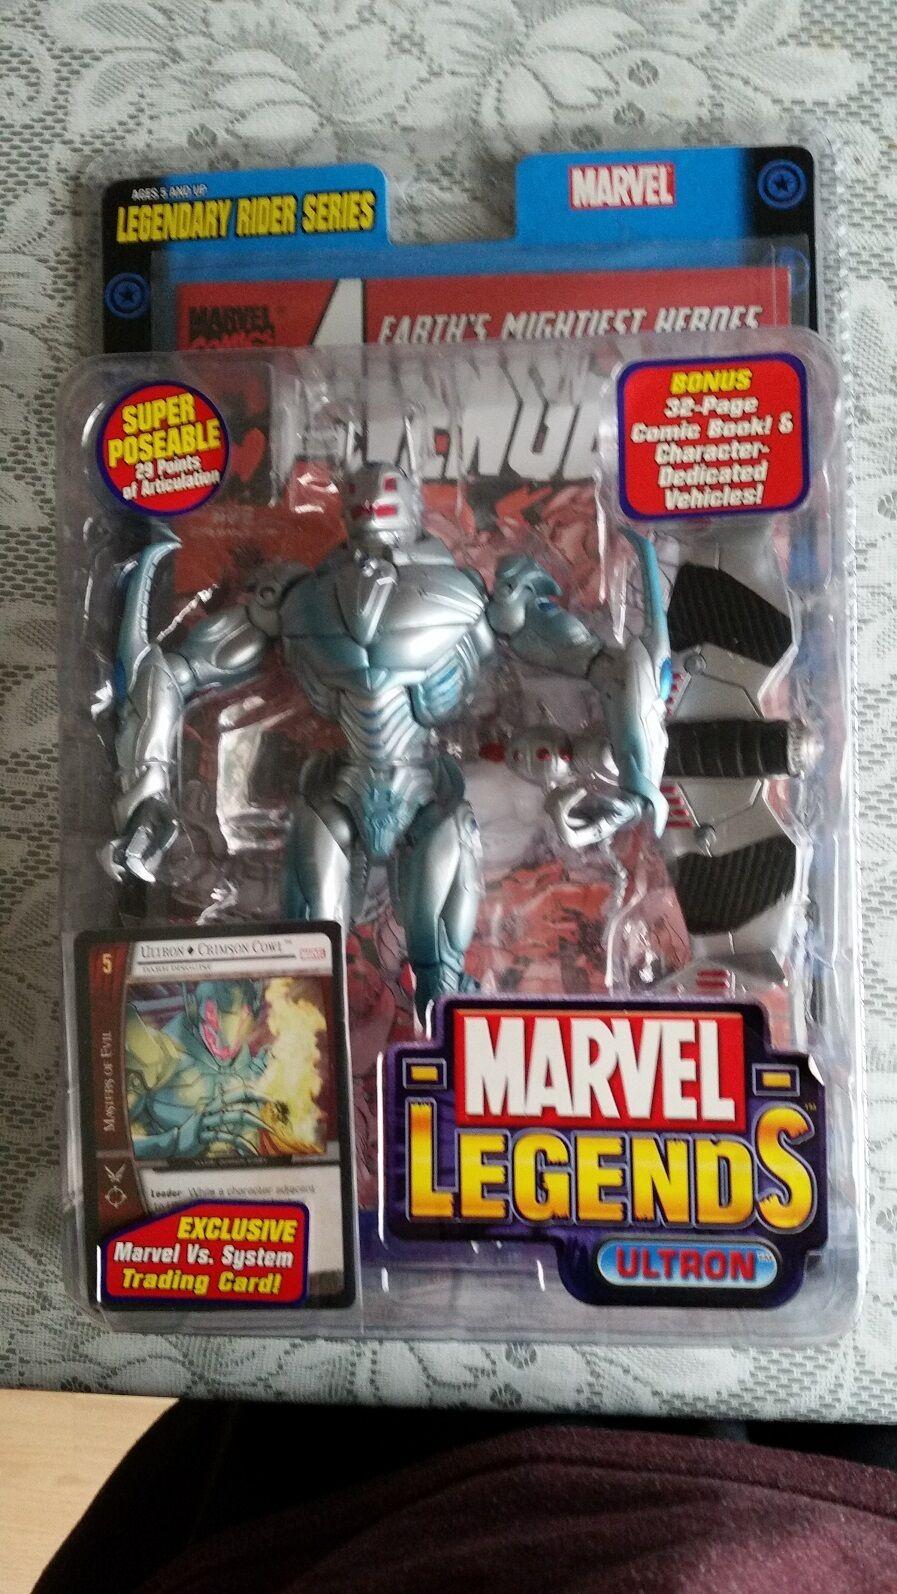 Marvel leggende Ultron leggendaria serie RIDER (RARA) 2005   i nuovi marchi outlet online